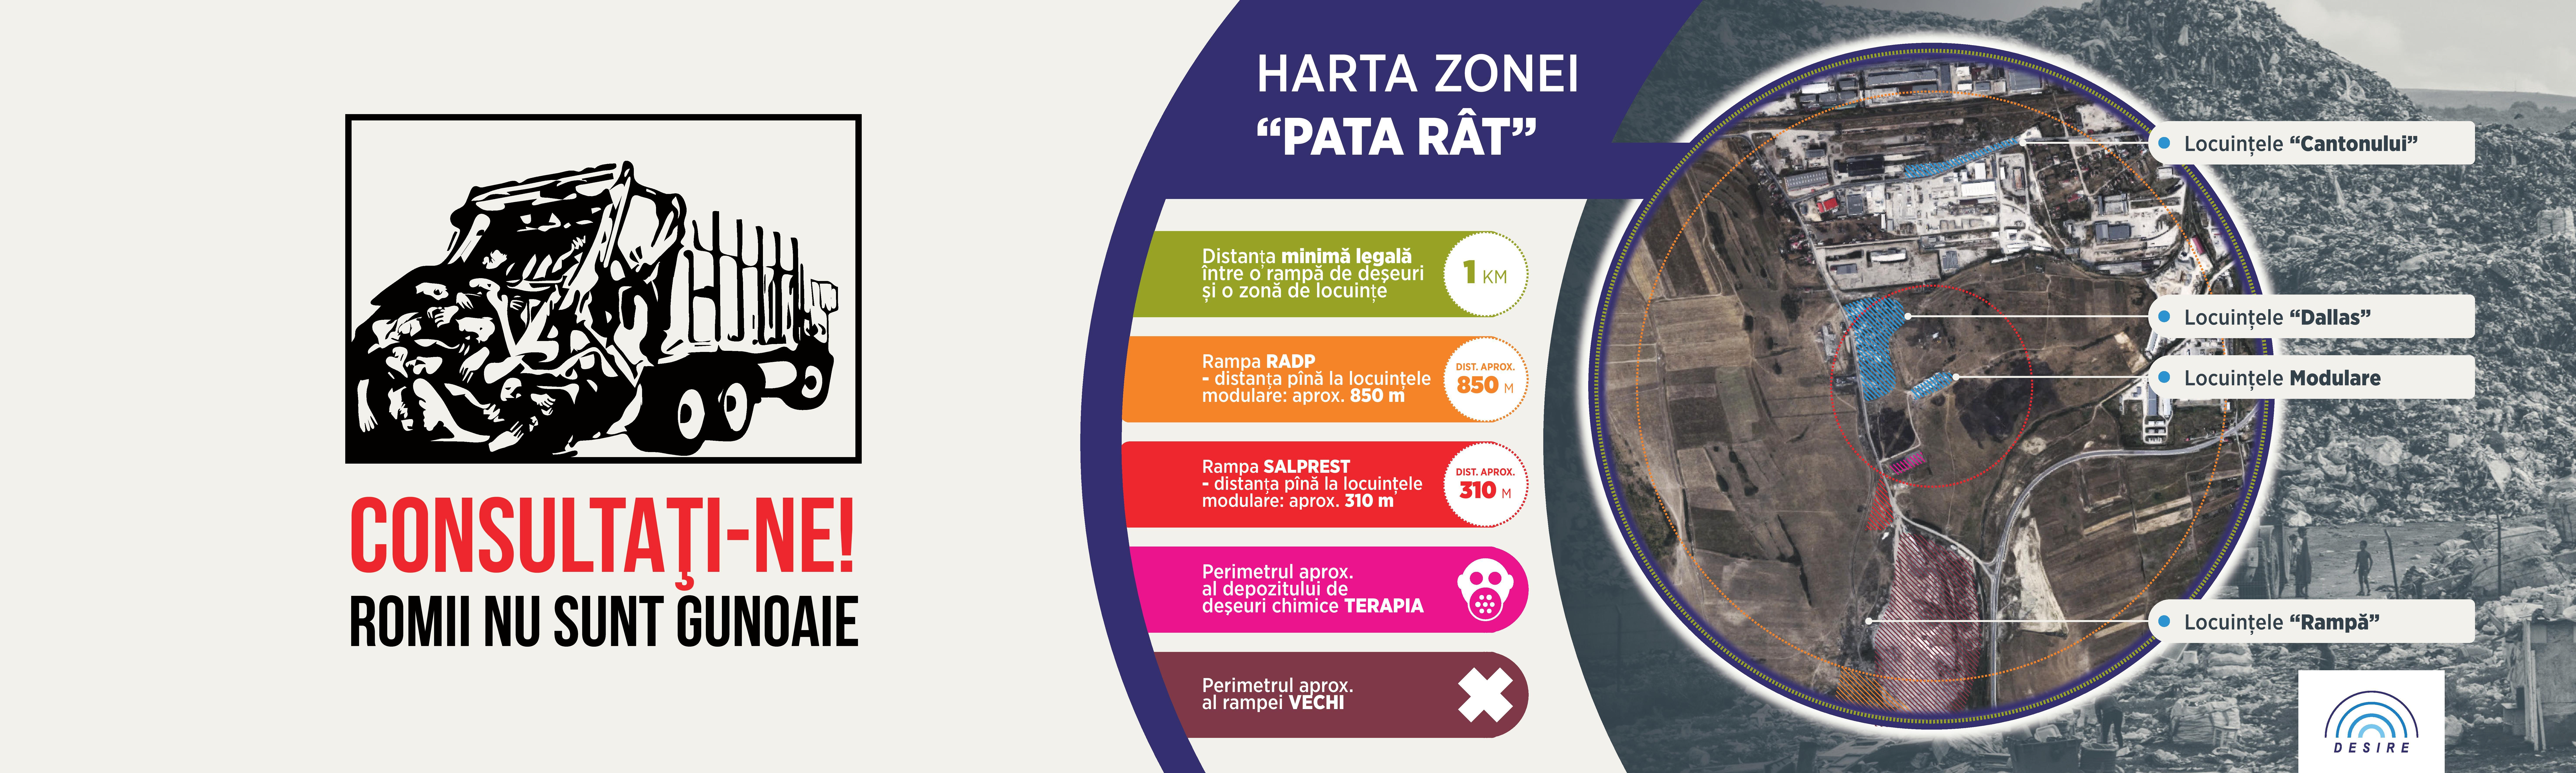 consultati-ne_harta-zonei-pata-rat-page-001